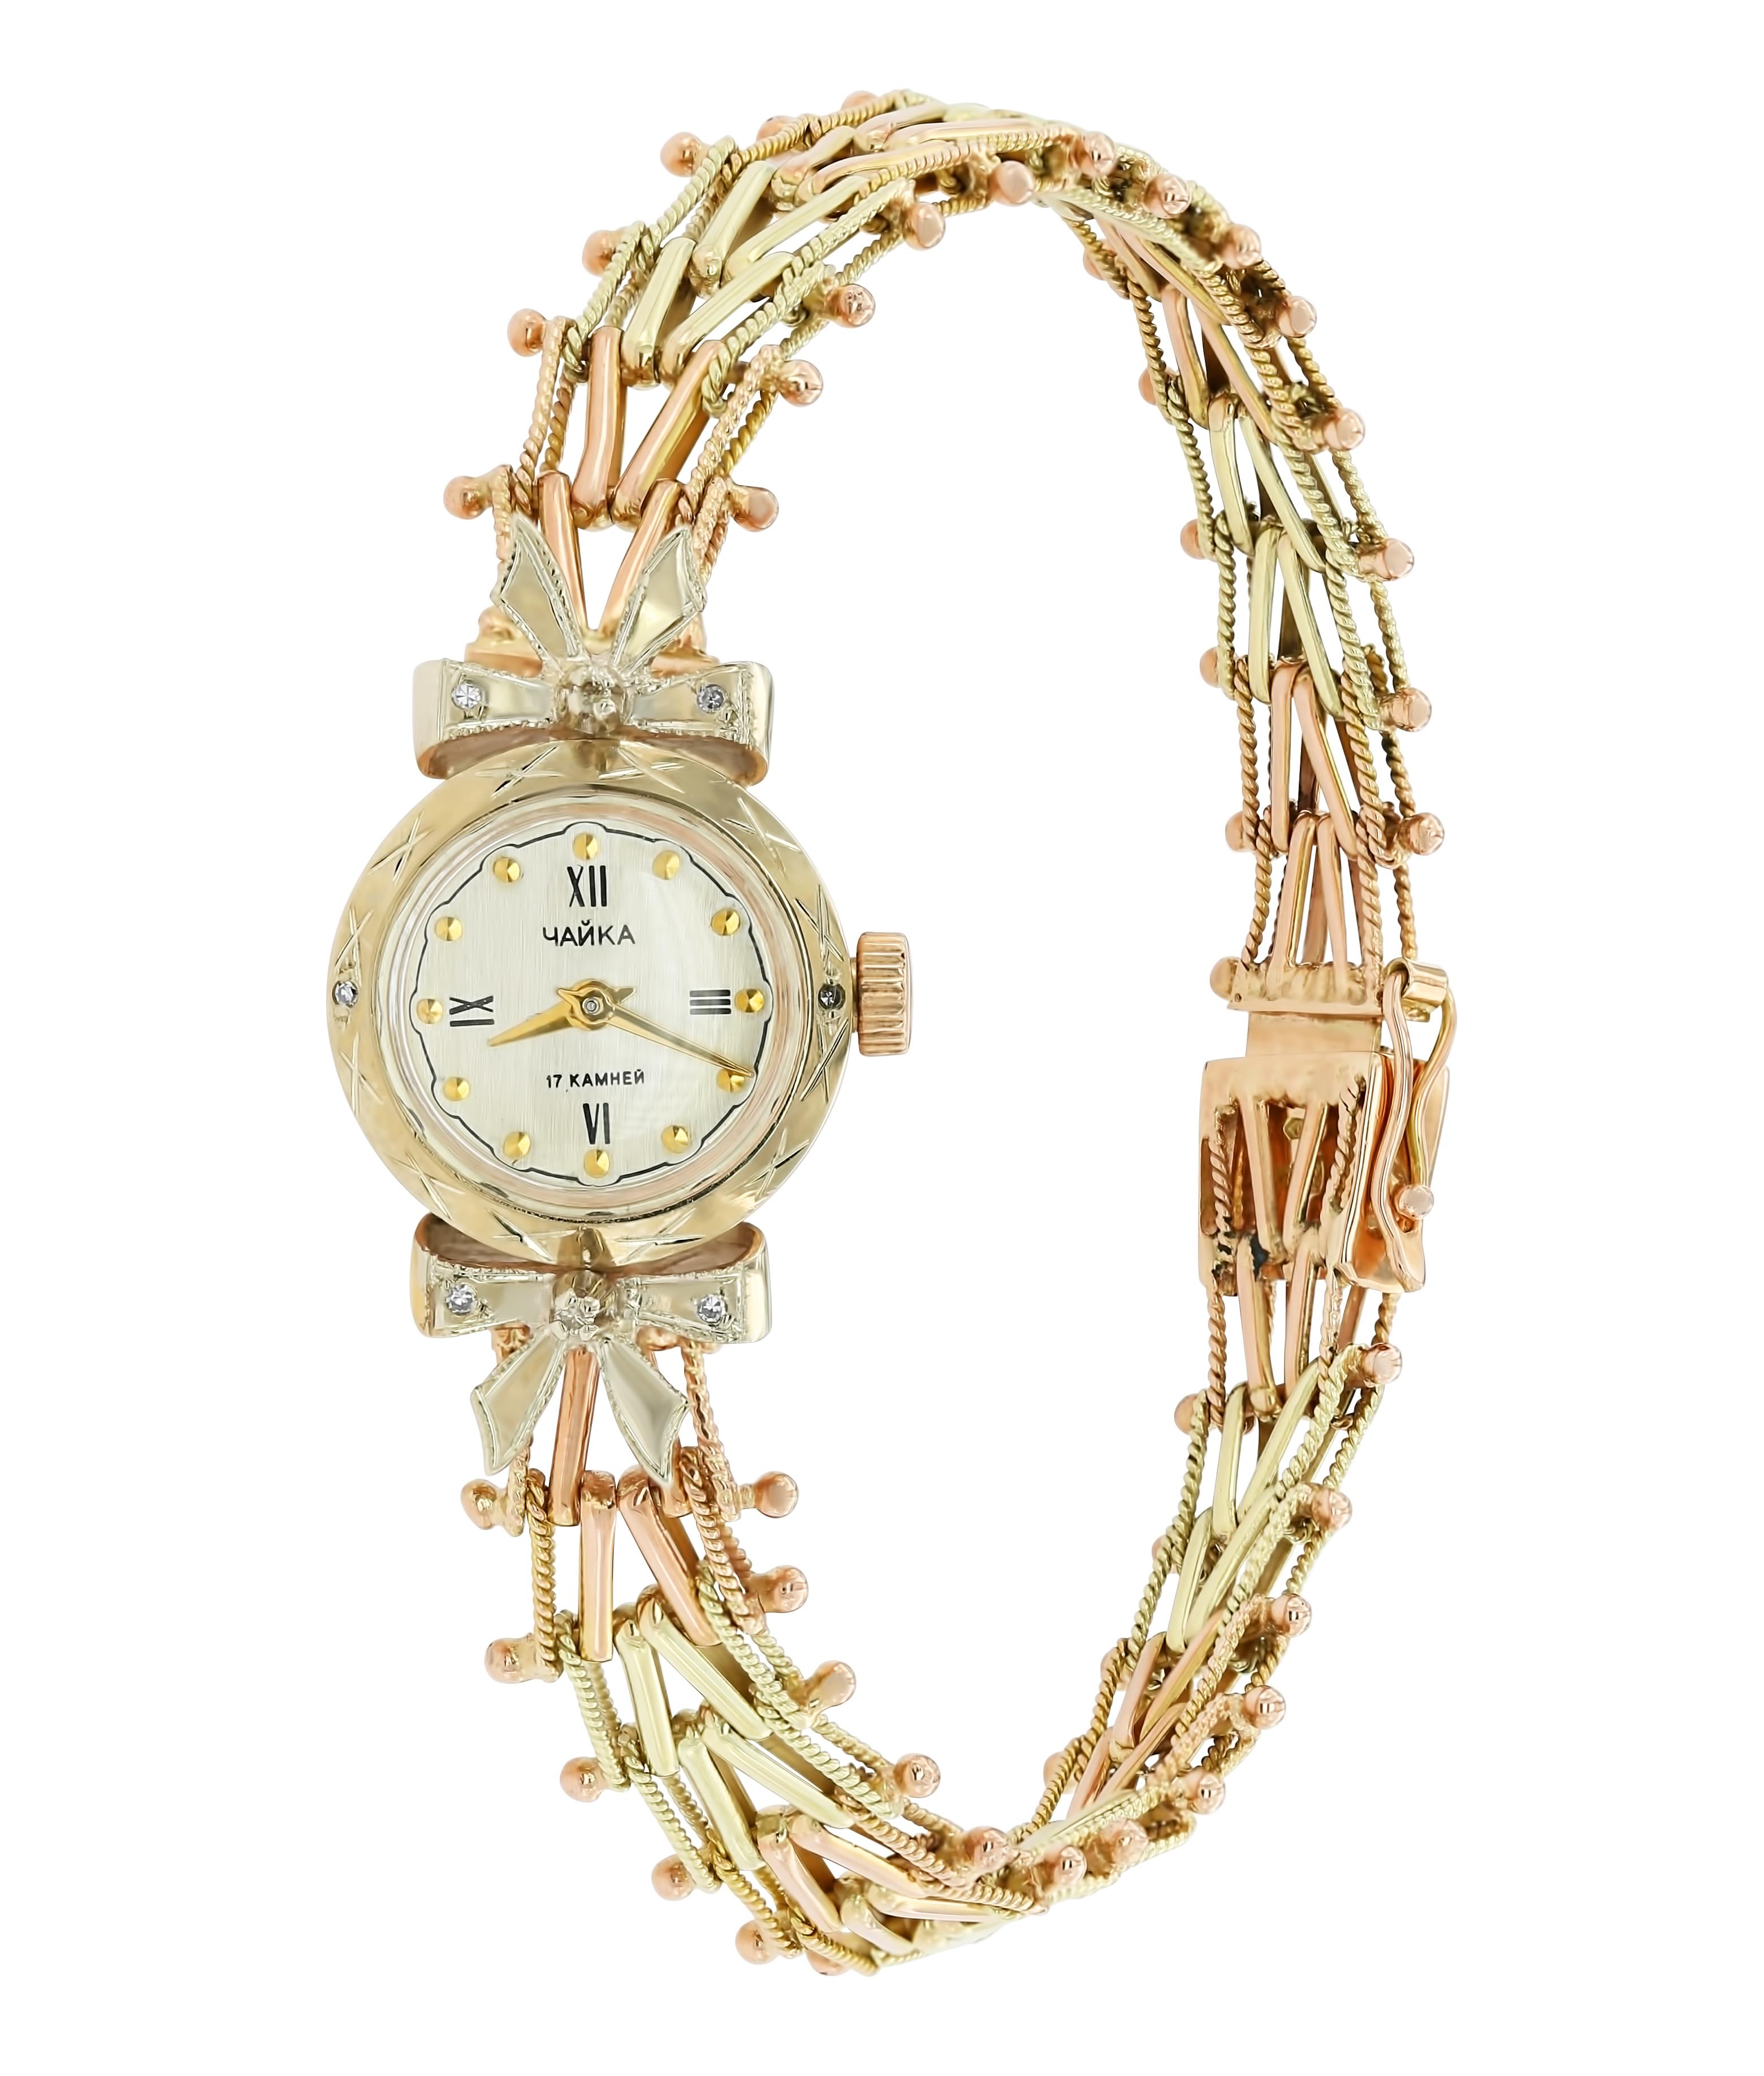 Воронеже золотые часы как продать в можно часы где продать